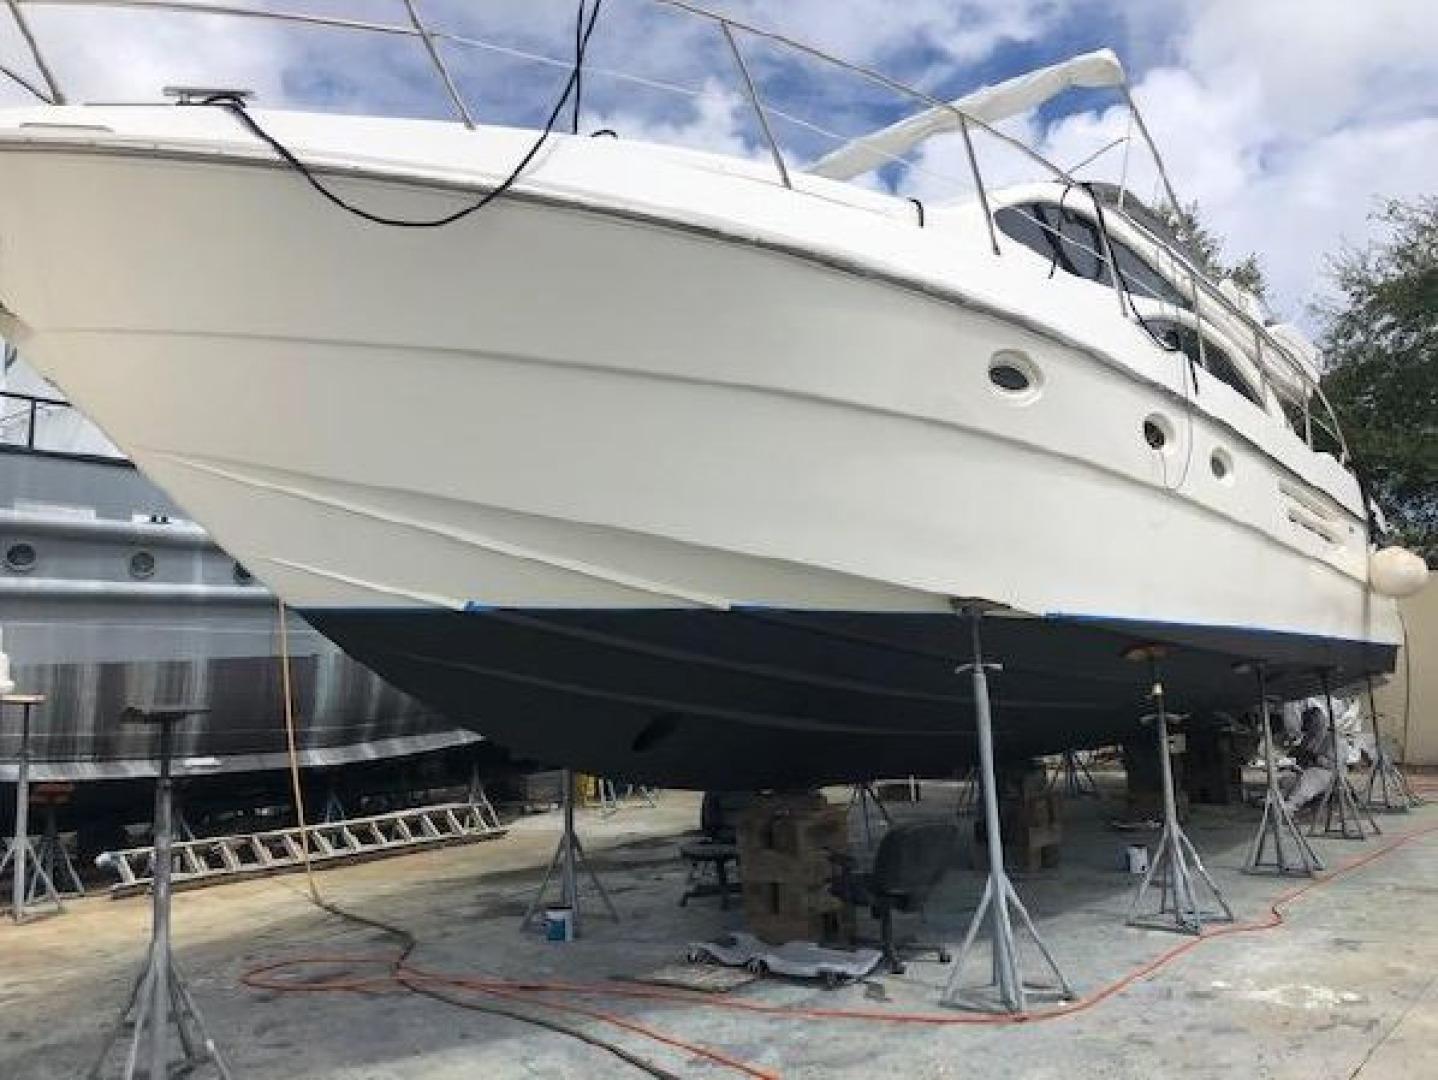 Azimut-Flybridge Motor Yacht 2000 -Boca Raton-Florida-United States-1564104 | Thumbnail